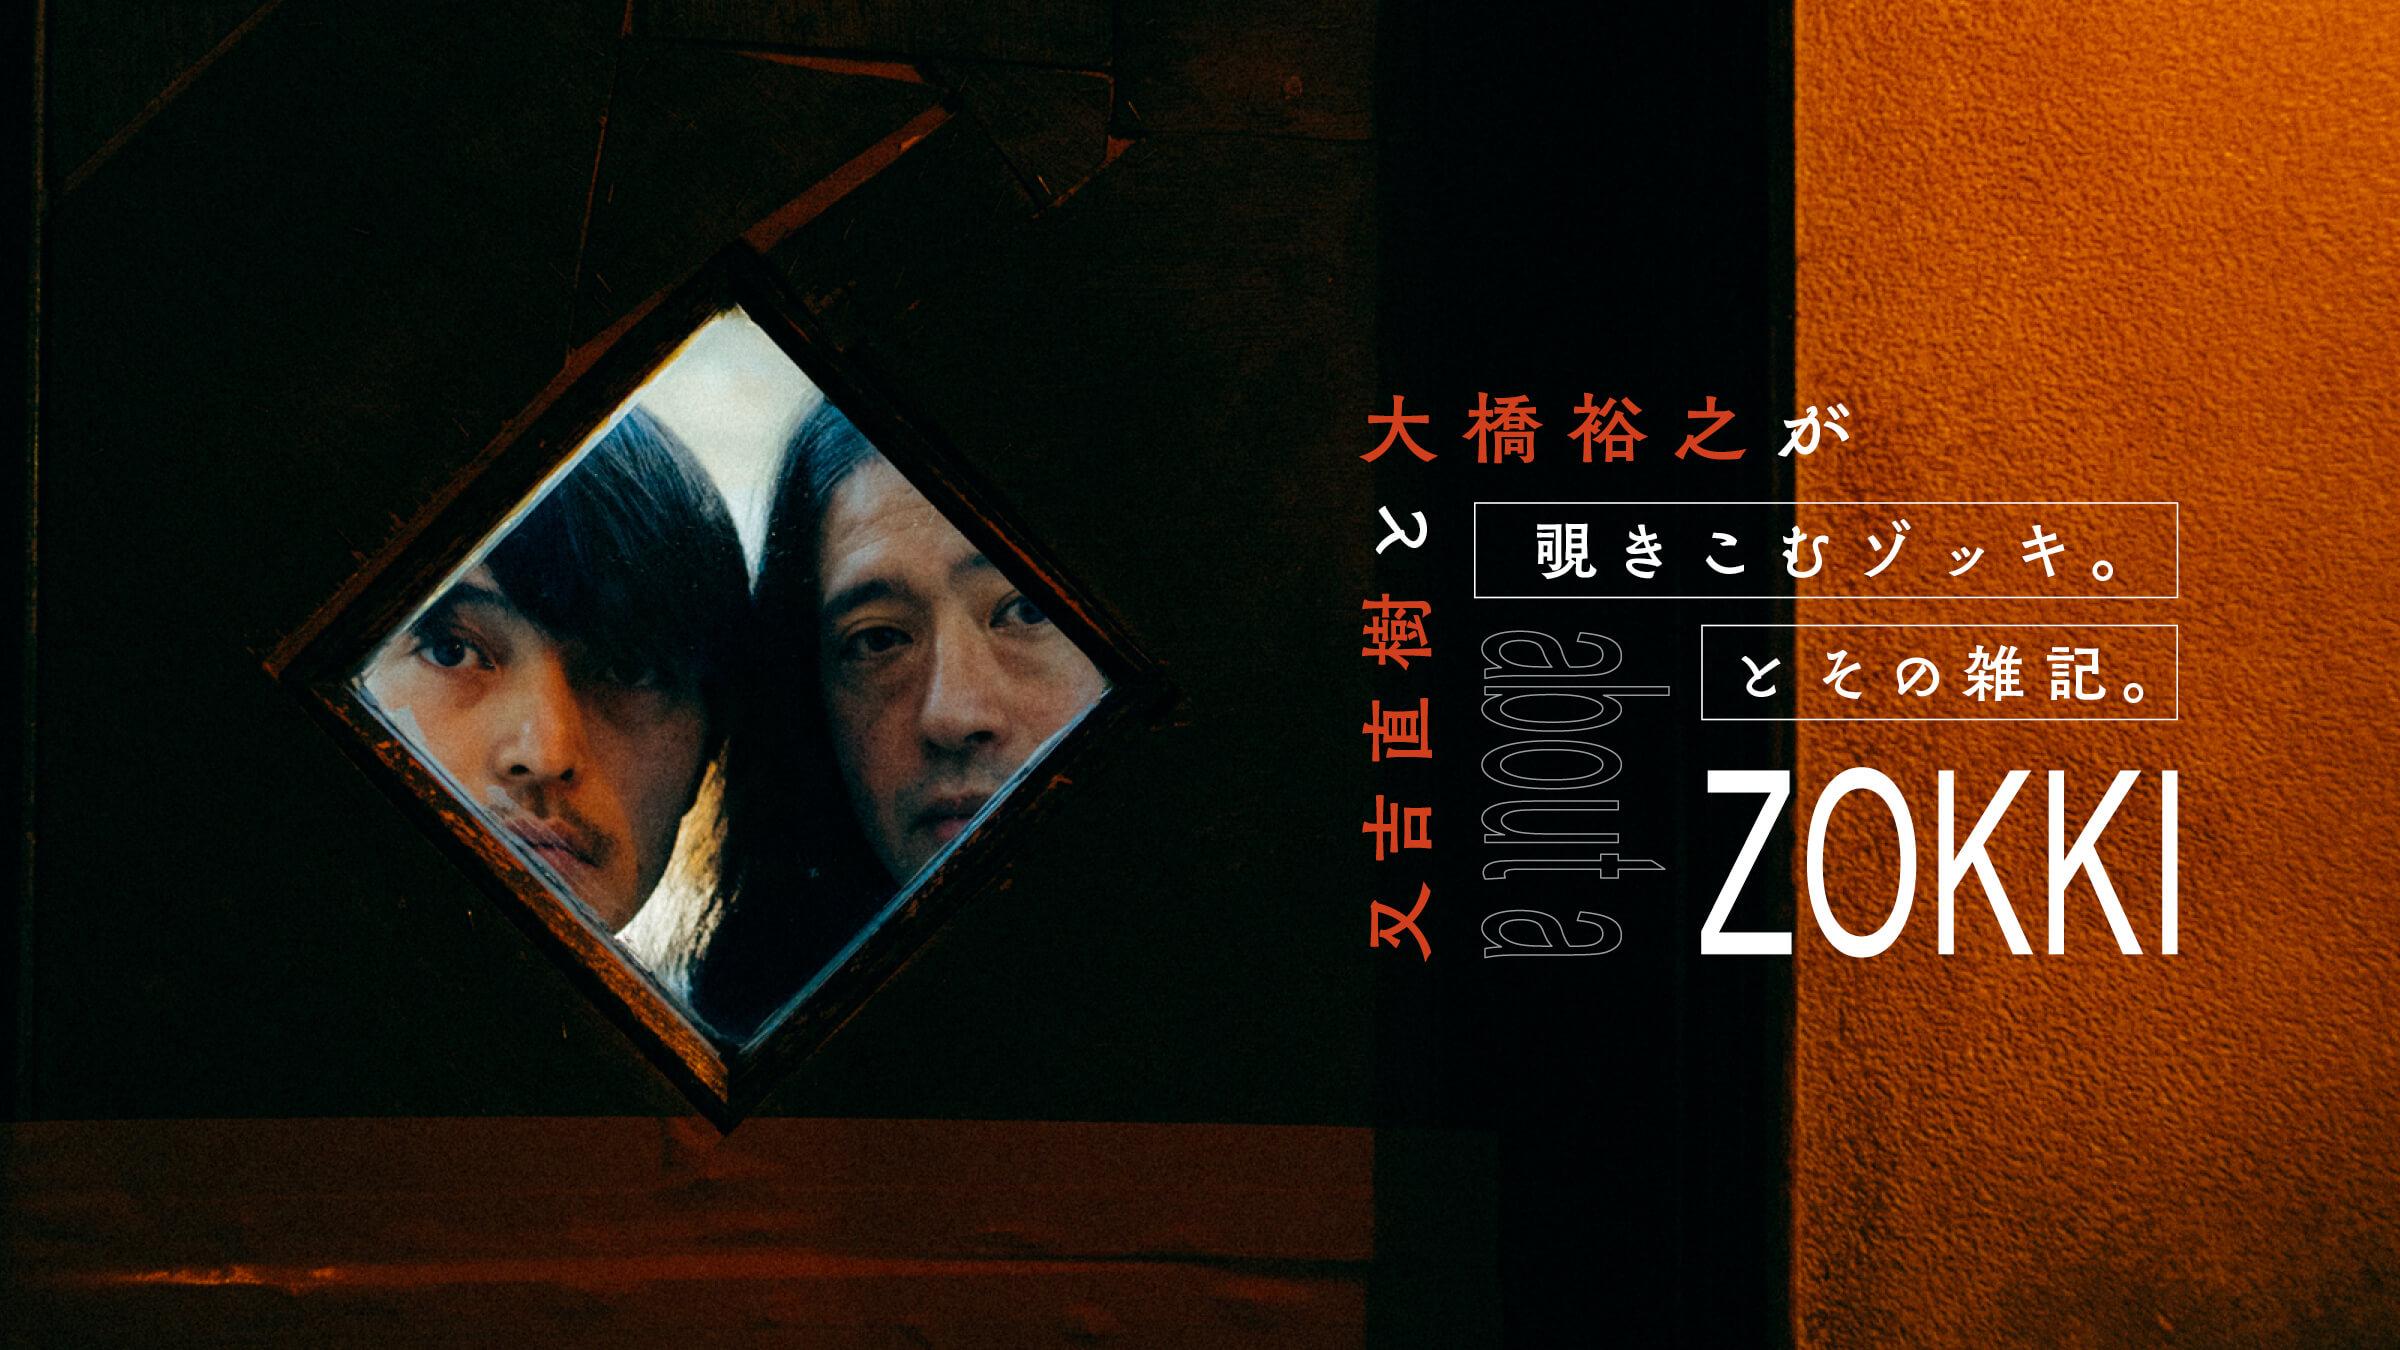 映画『ゾッキ』公開記念インタビュー: 大橋裕之と又吉直樹が覗き込むゾッキ。とその雑記。